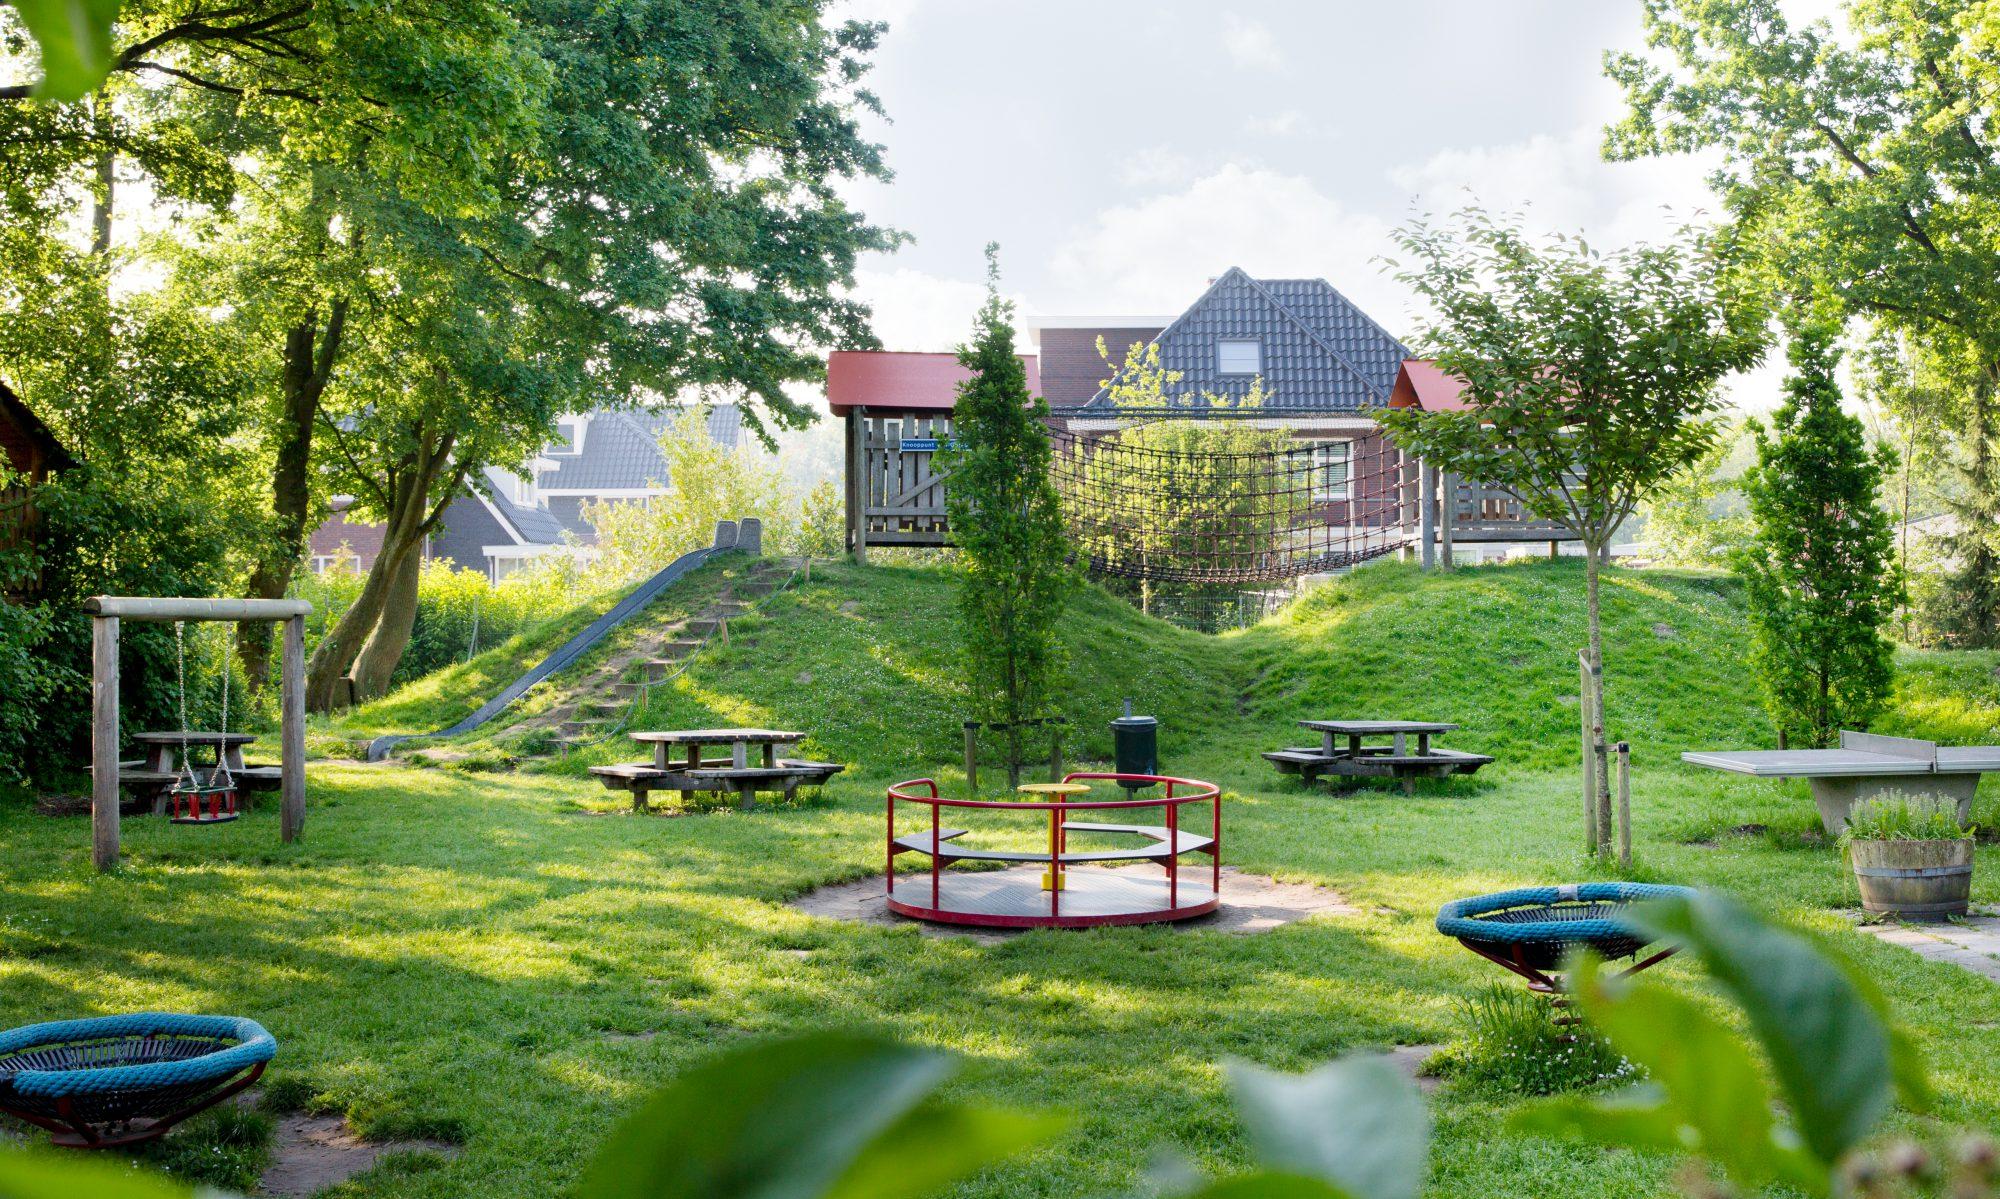 Speeltuinvereniging De Oranjetuin